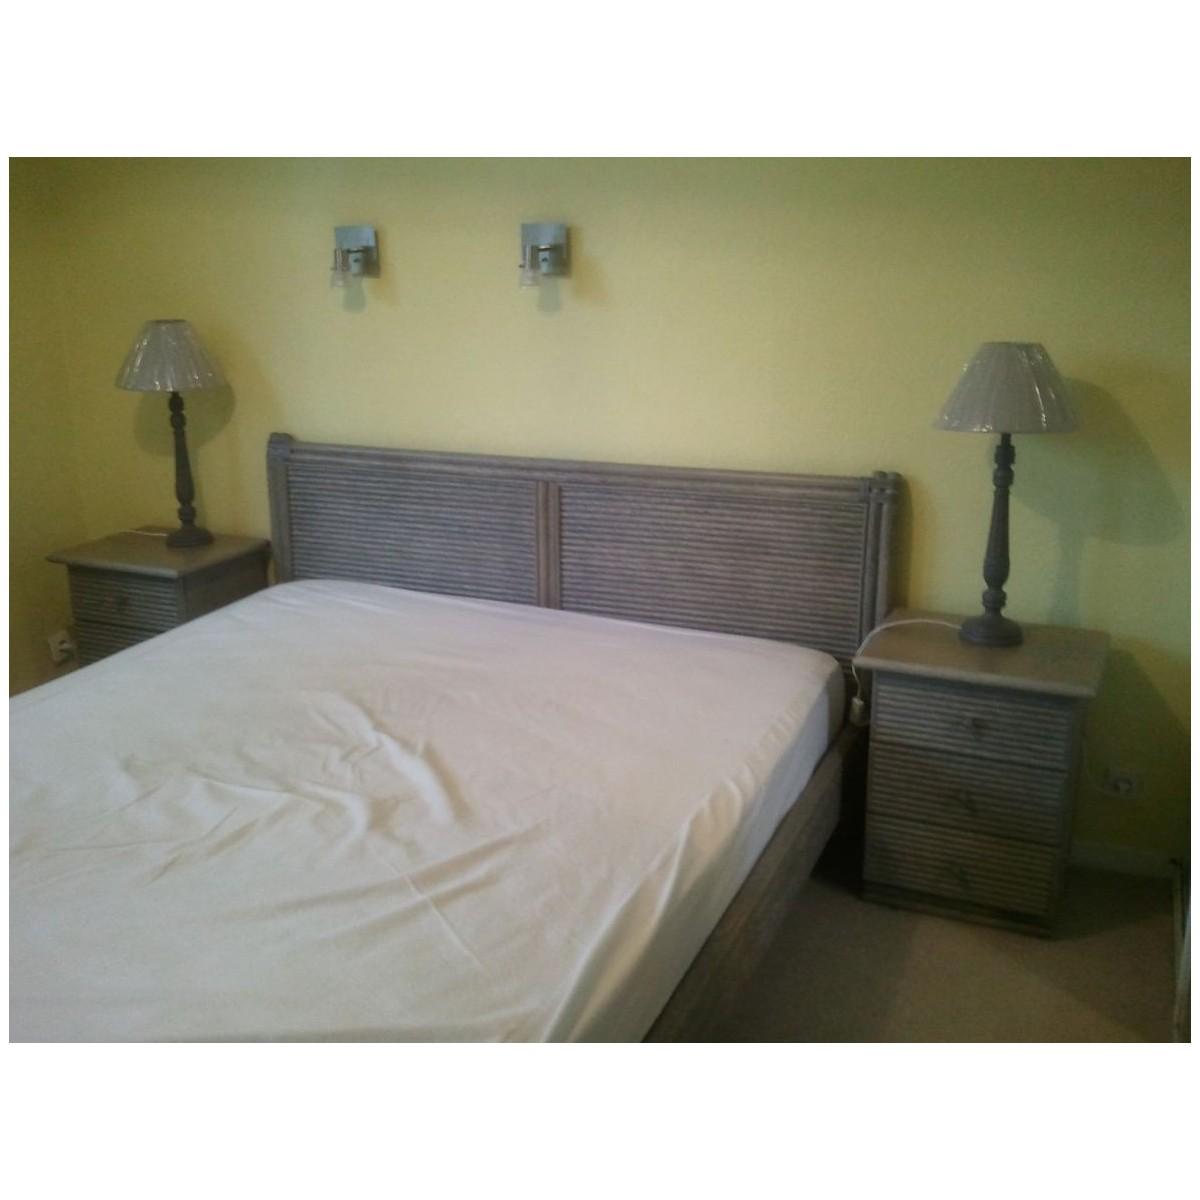 lit en rotin seto carr. Black Bedroom Furniture Sets. Home Design Ideas